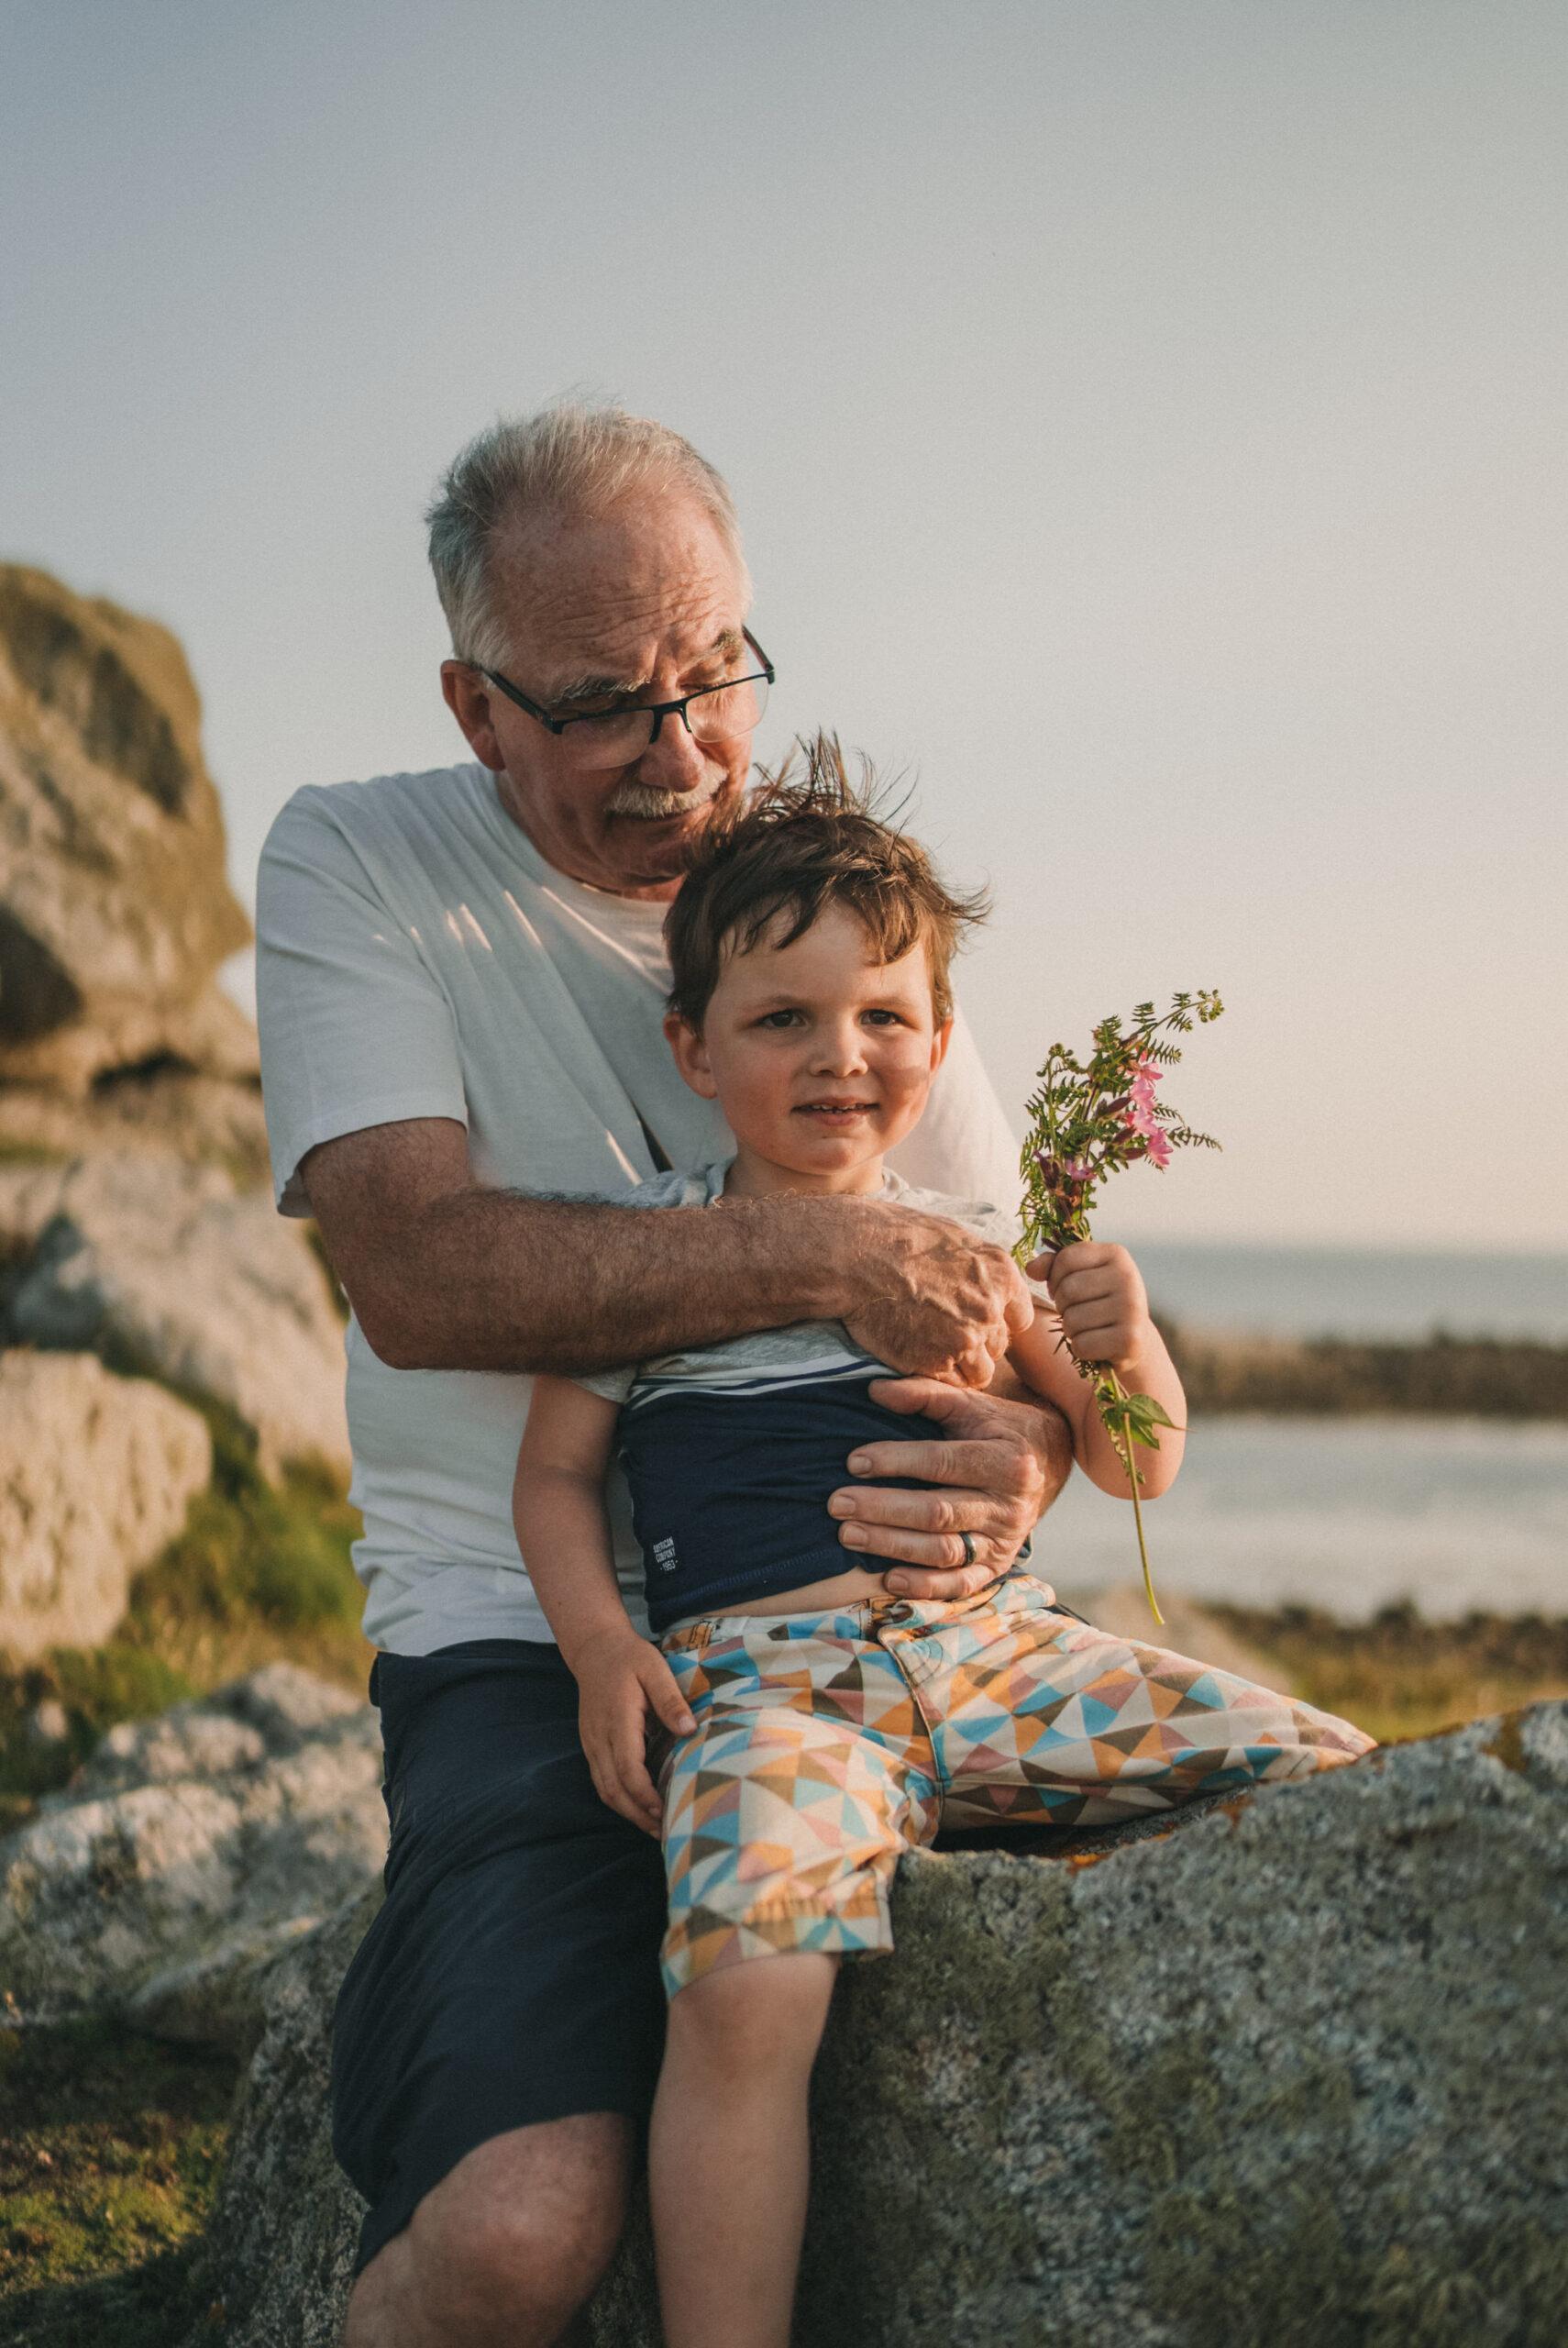 2021.07.20 Photo De Famille A Porspoder En Bretagne Par Antoine Borzeix 176 Scaled, Photographe & Videaste à Brest / Finistère